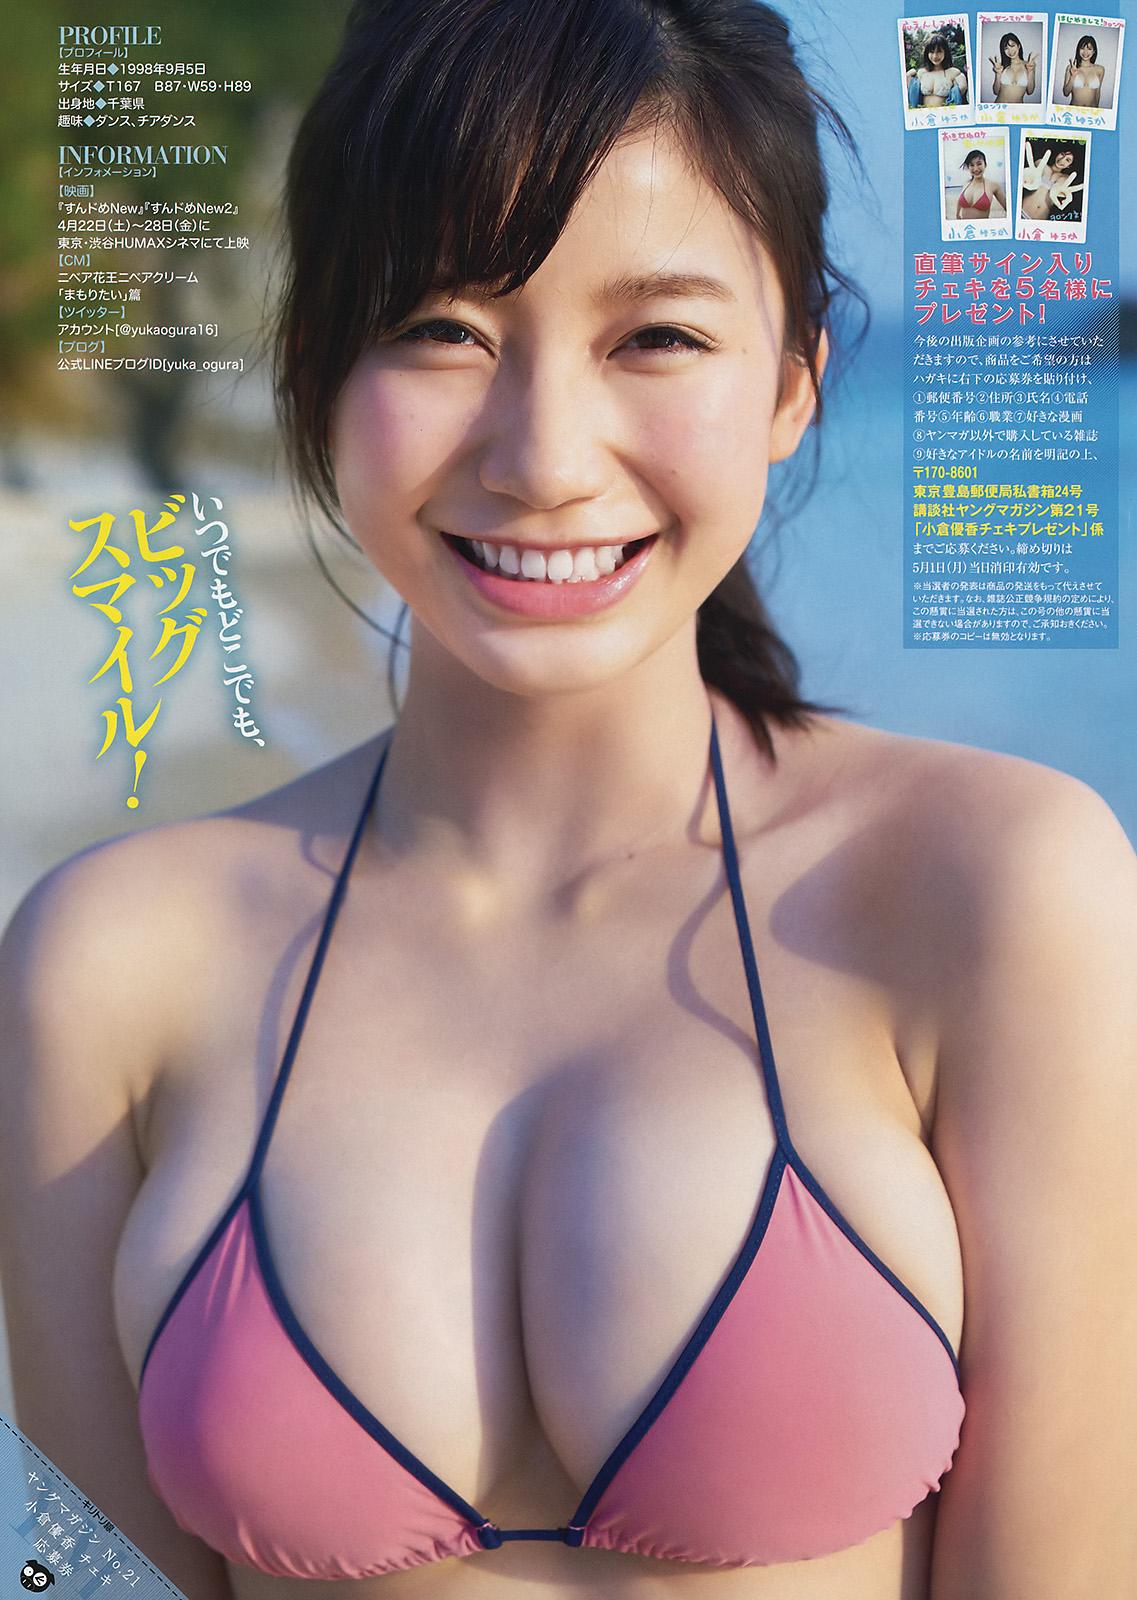 この女子高生のパンツwwwwwwwwww  Part.6 [無断転載禁止]©bbspink.com->画像>4790枚